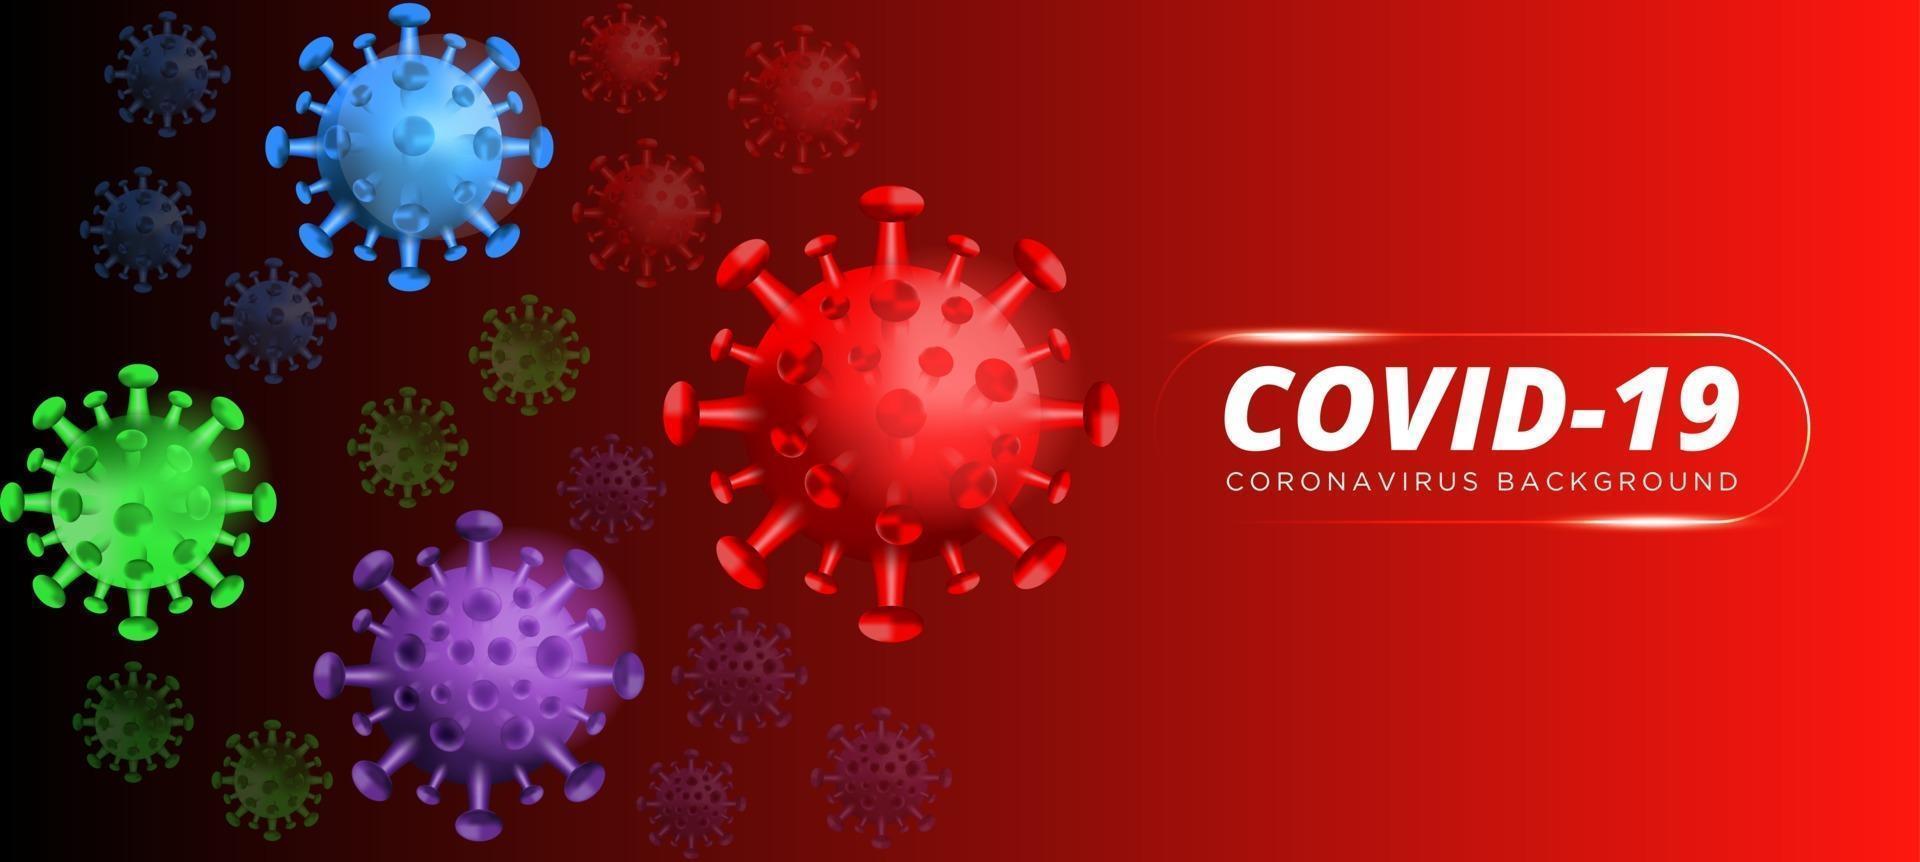 covid19. focolaio di coronavirus, epidemia di malattia virale, rendering 3d del virus, illustrazione dell'organismo. sfondo con cellule virali 3d realistiche. Illustrazione 3D vettore